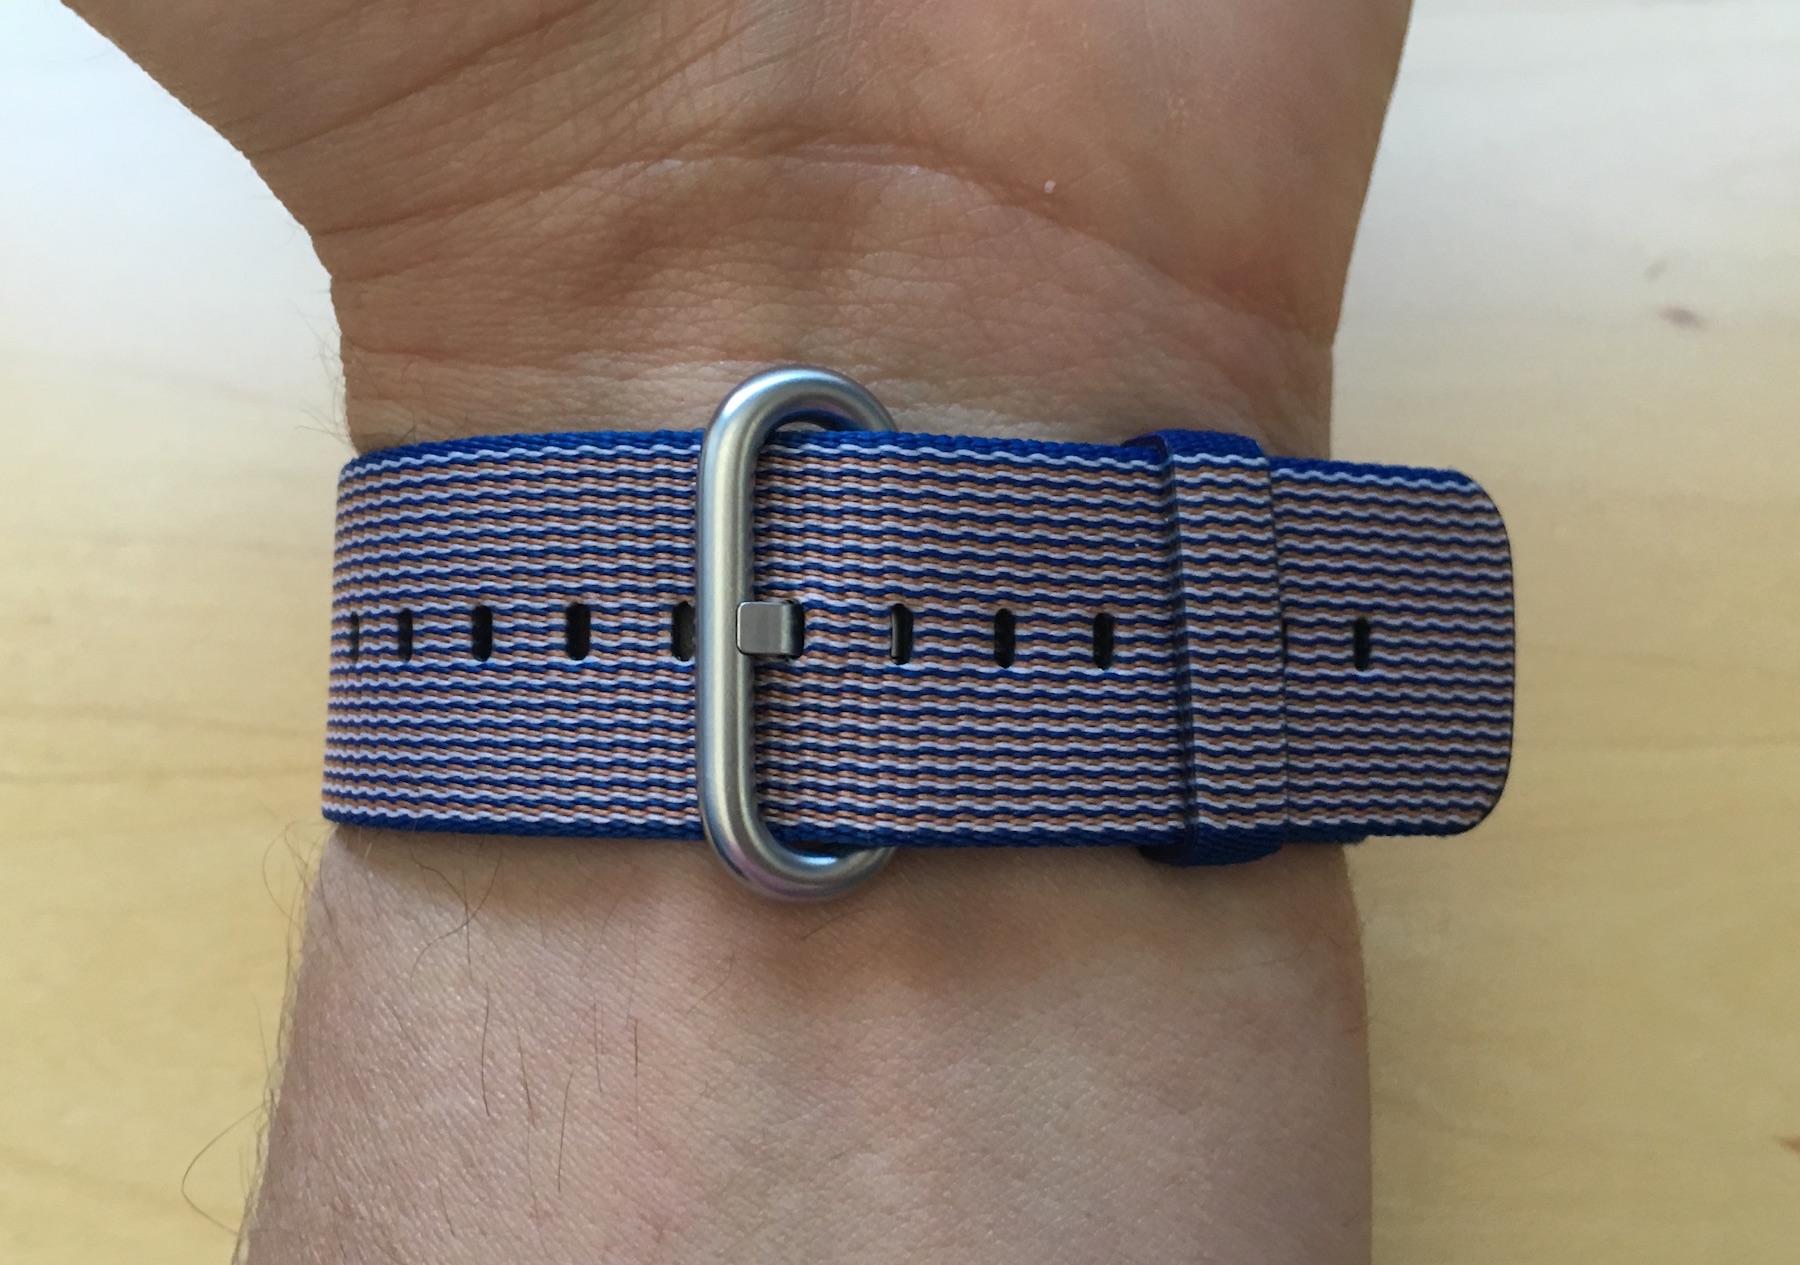 royal blue woven nylon band buckle